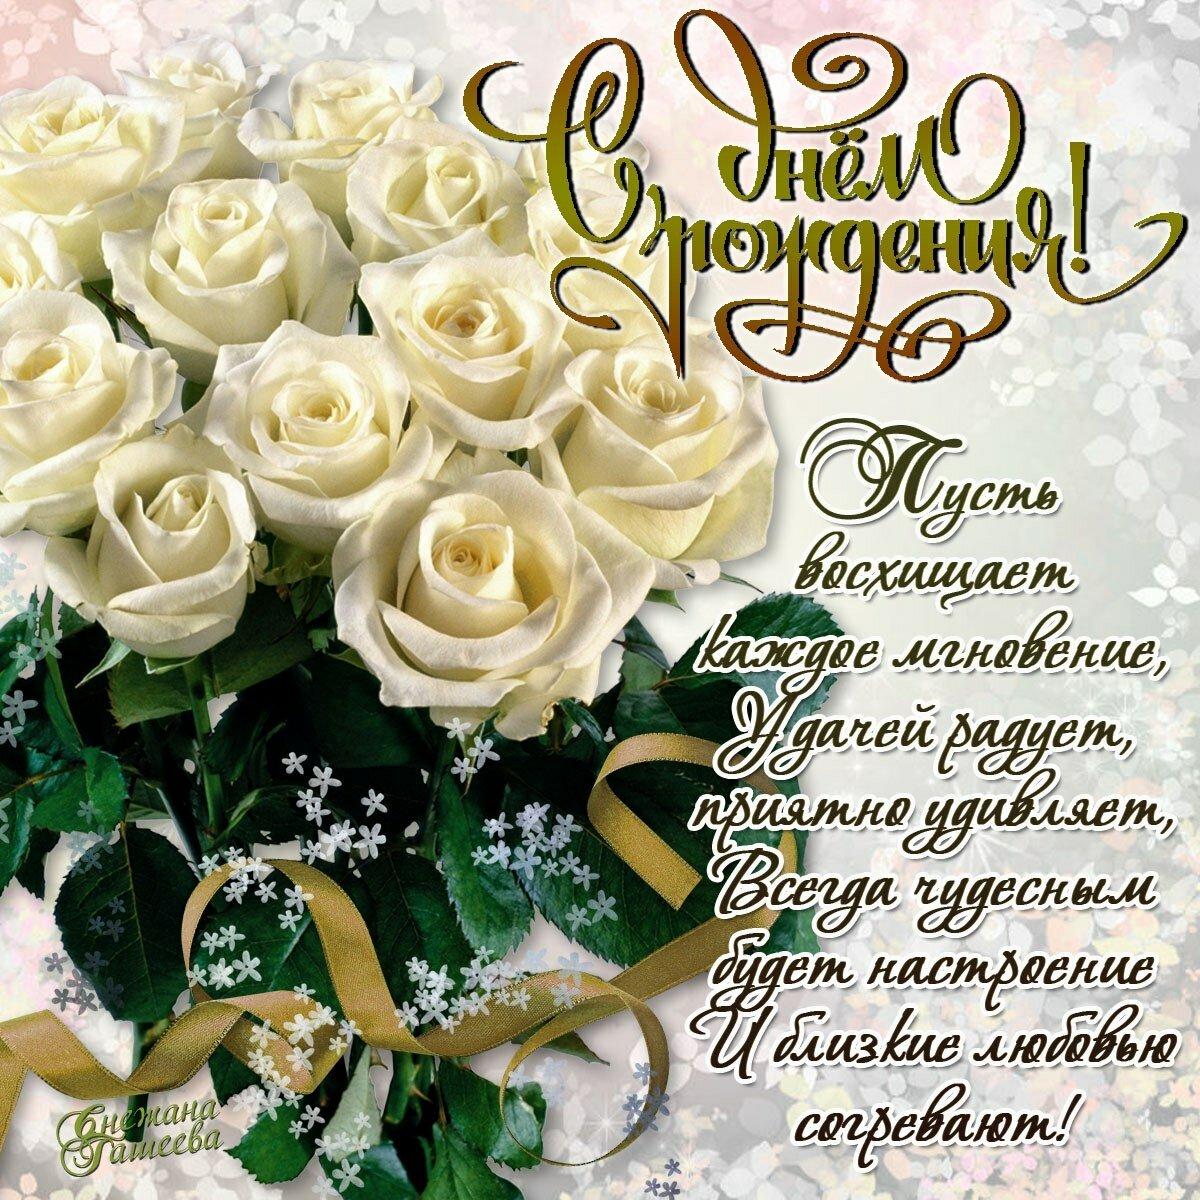 Слова поздравления с днем рождения картинки